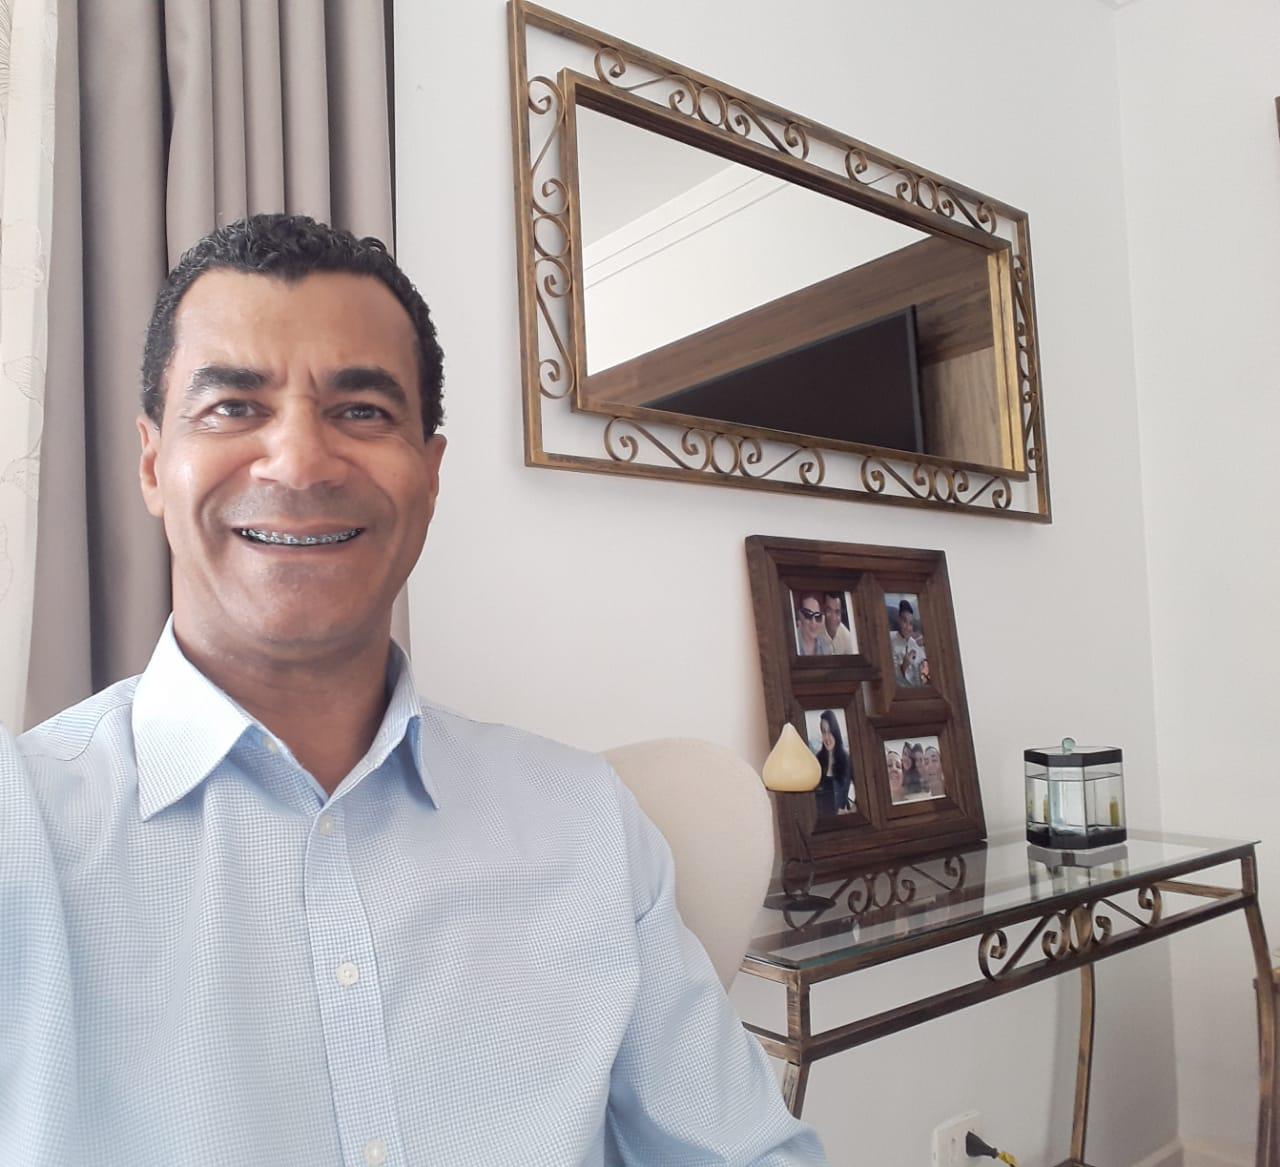 O economista Lamartine Dourado Cavalcante falou sobre a relevância da visita de Mourão no país asiático e os detalhes das relações econômicas entre as duas nações.